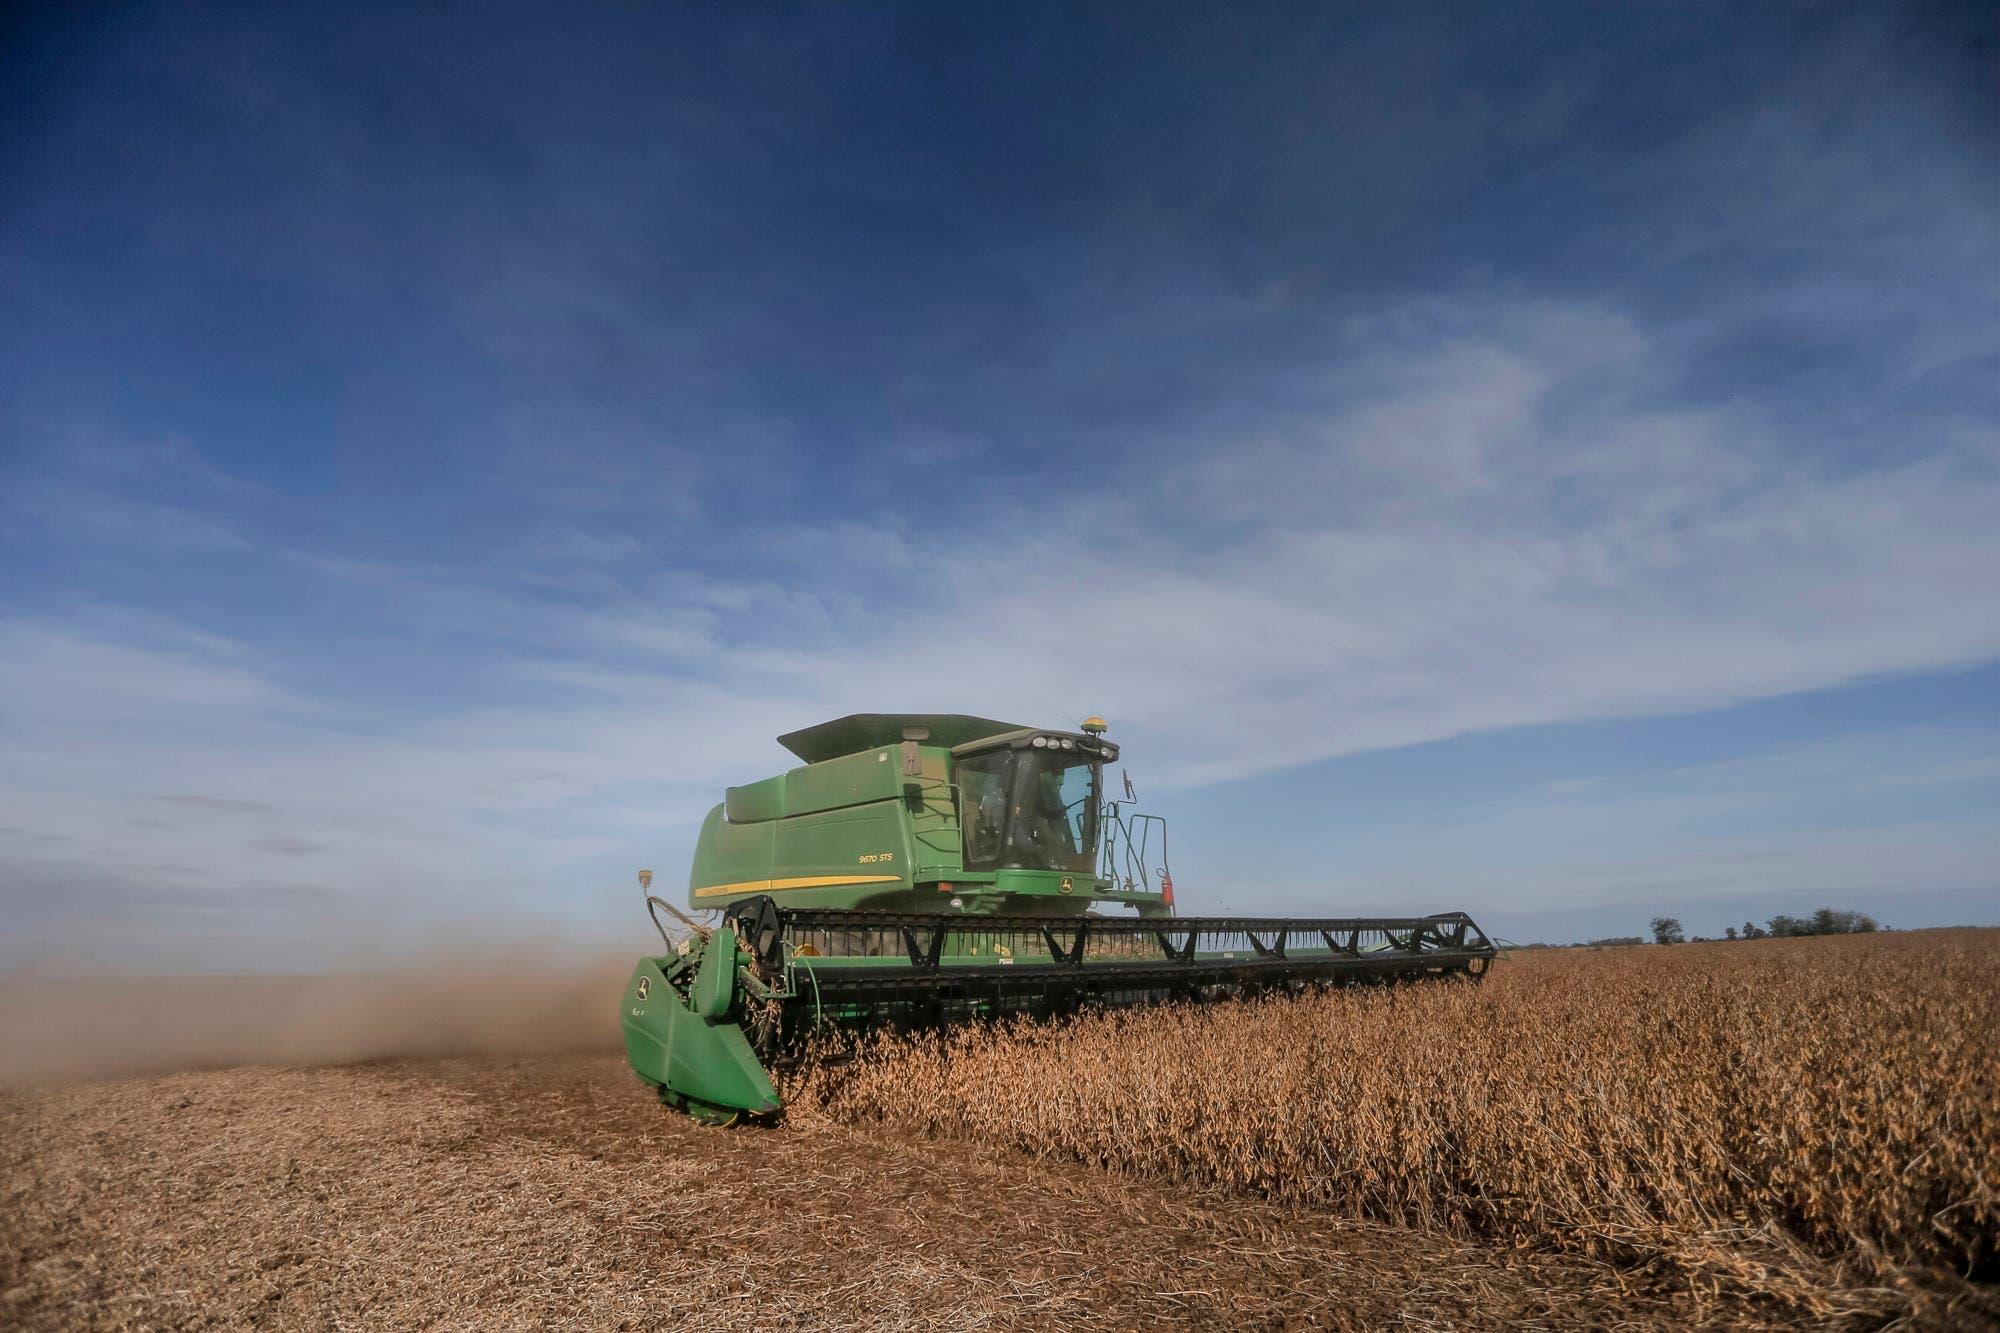 Censo: el 1,08% de las explotaciones agropecuarias tienen el 36,4% de las tierras